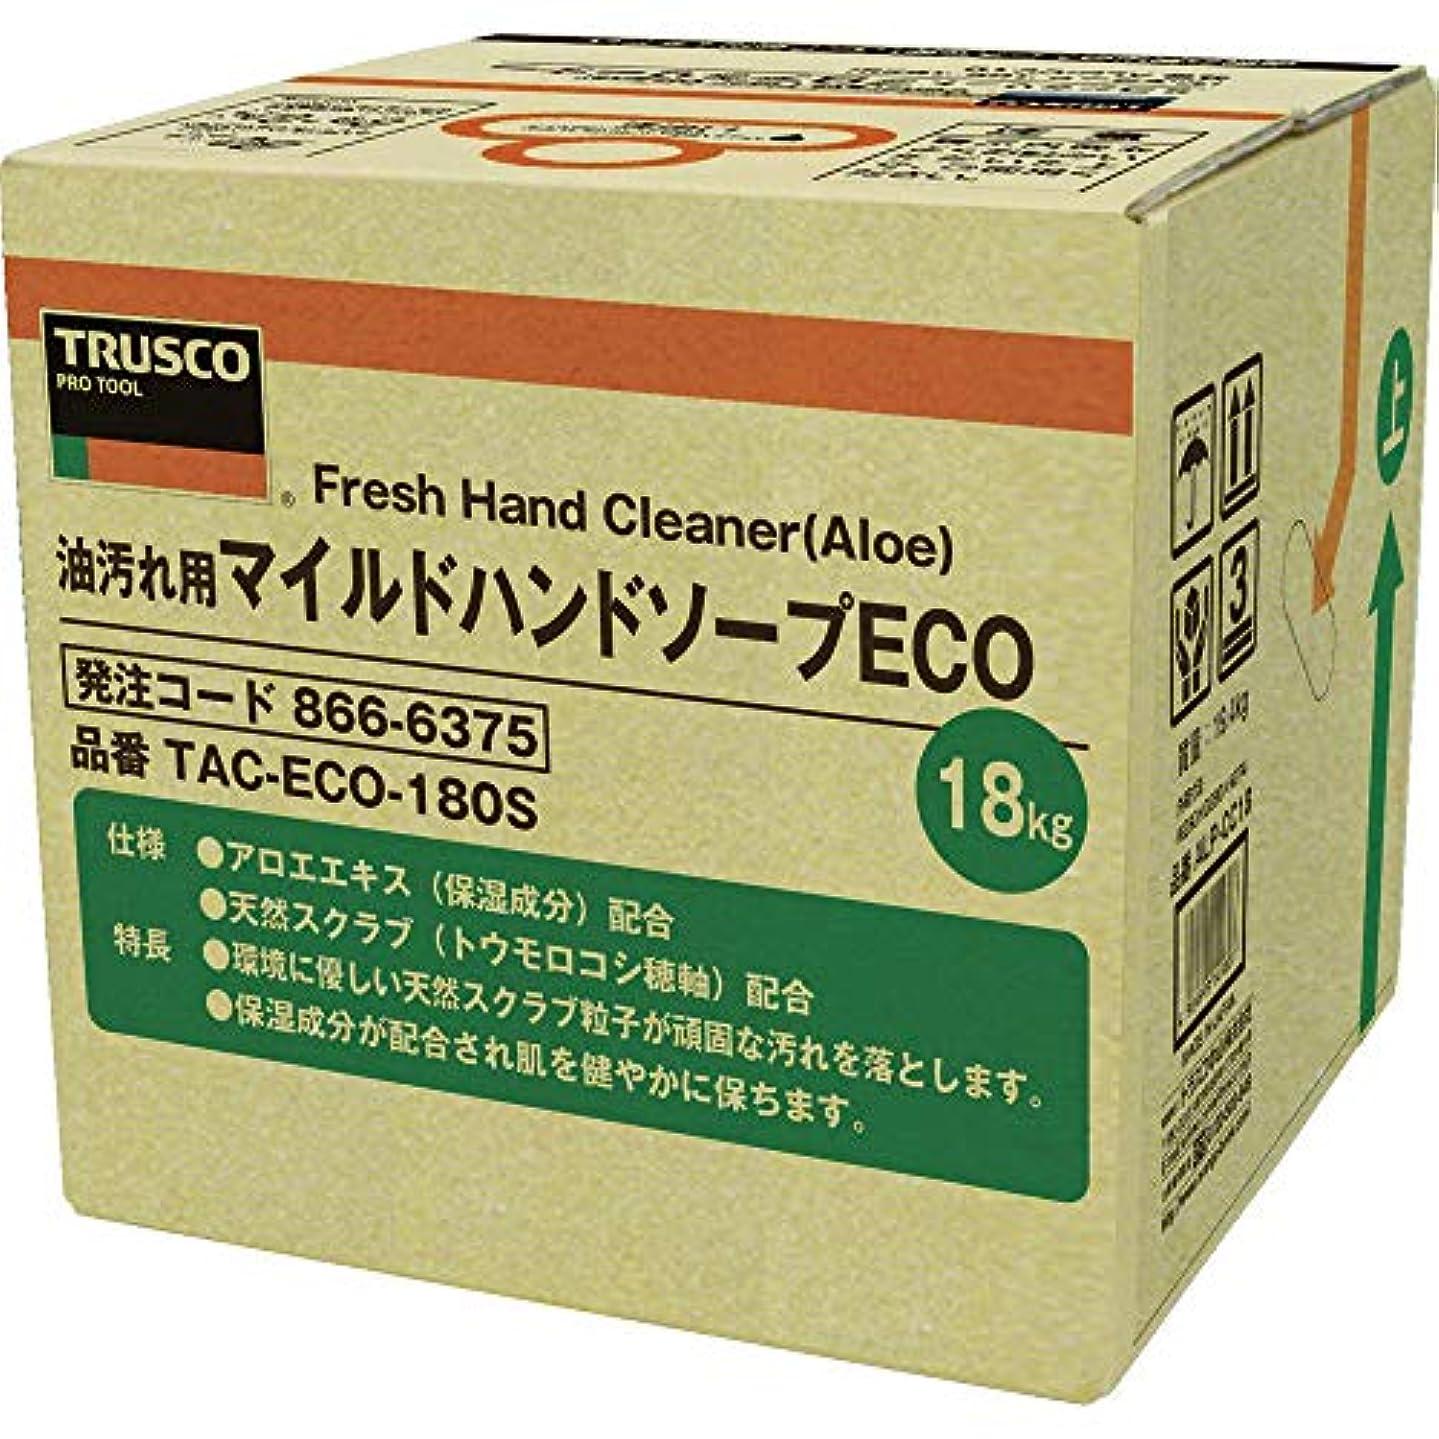 説教するレンドリッチTRUSCO(トラスコ) マイルドハンドソープ ECO 18L 詰替 バッグインボックス TACECO180S